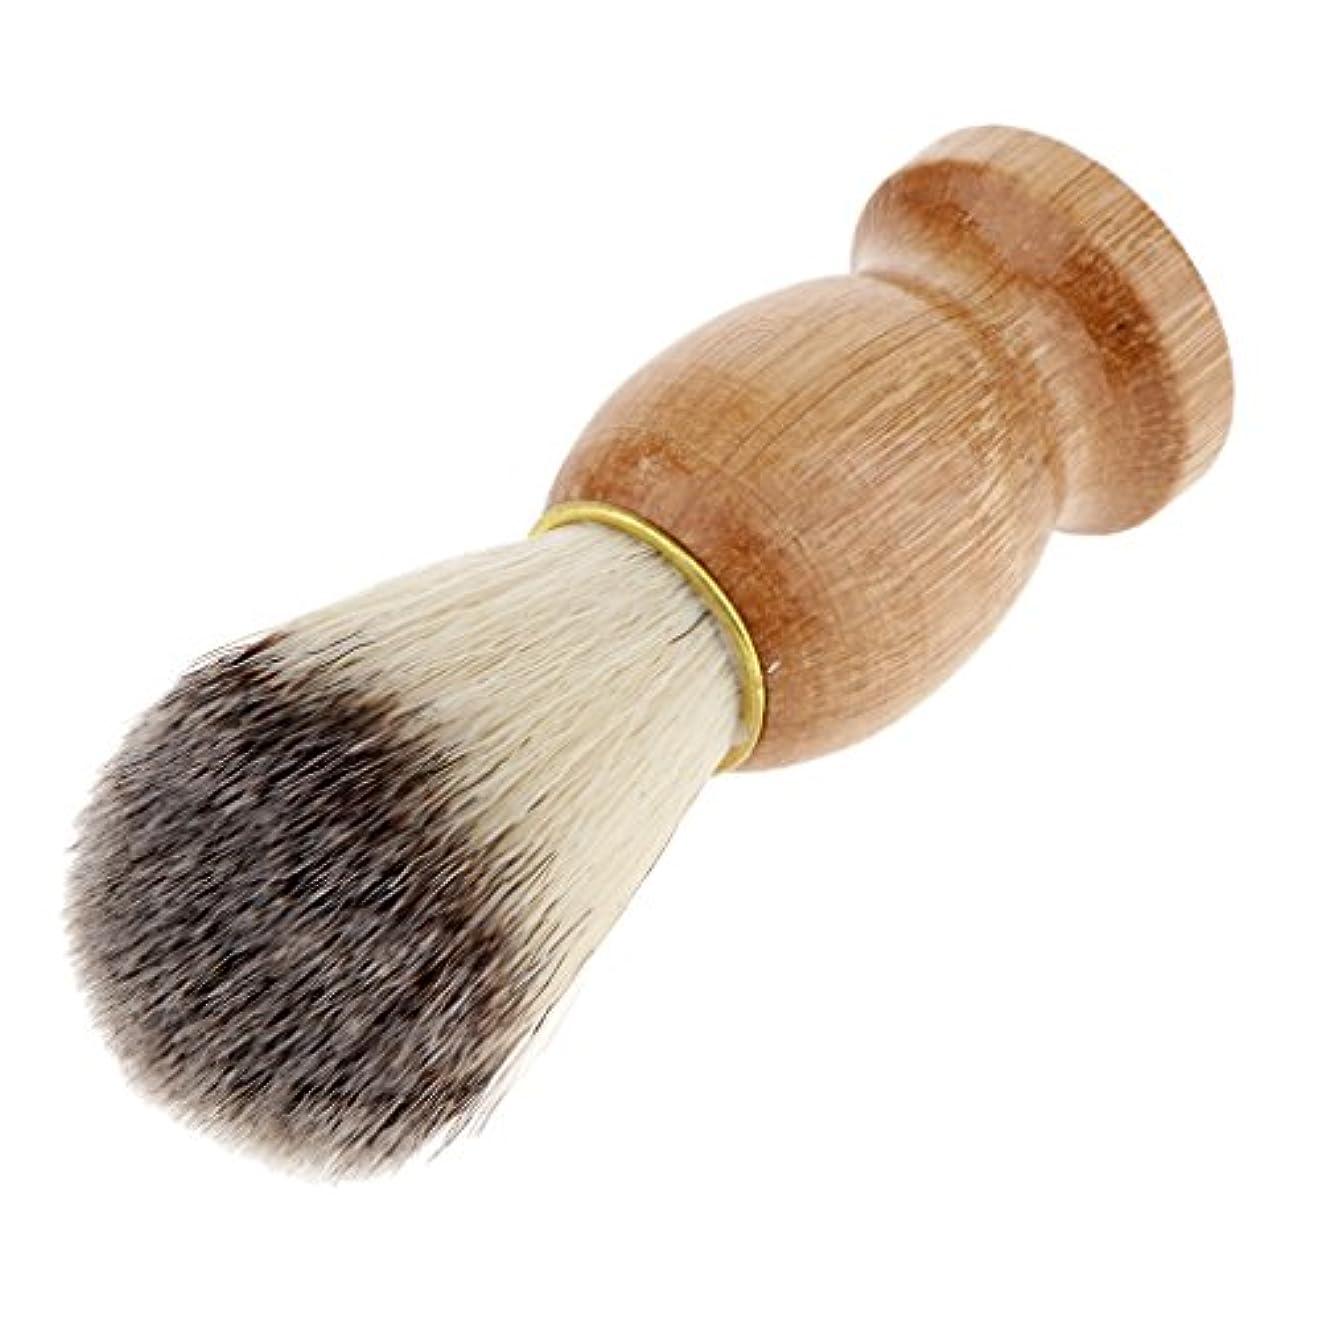 薄暗い高層ビル練るBlesiya シェービングブラシ コスメブラシ 木製ハンドル メンズ ひげ剃りブラシ プレゼント